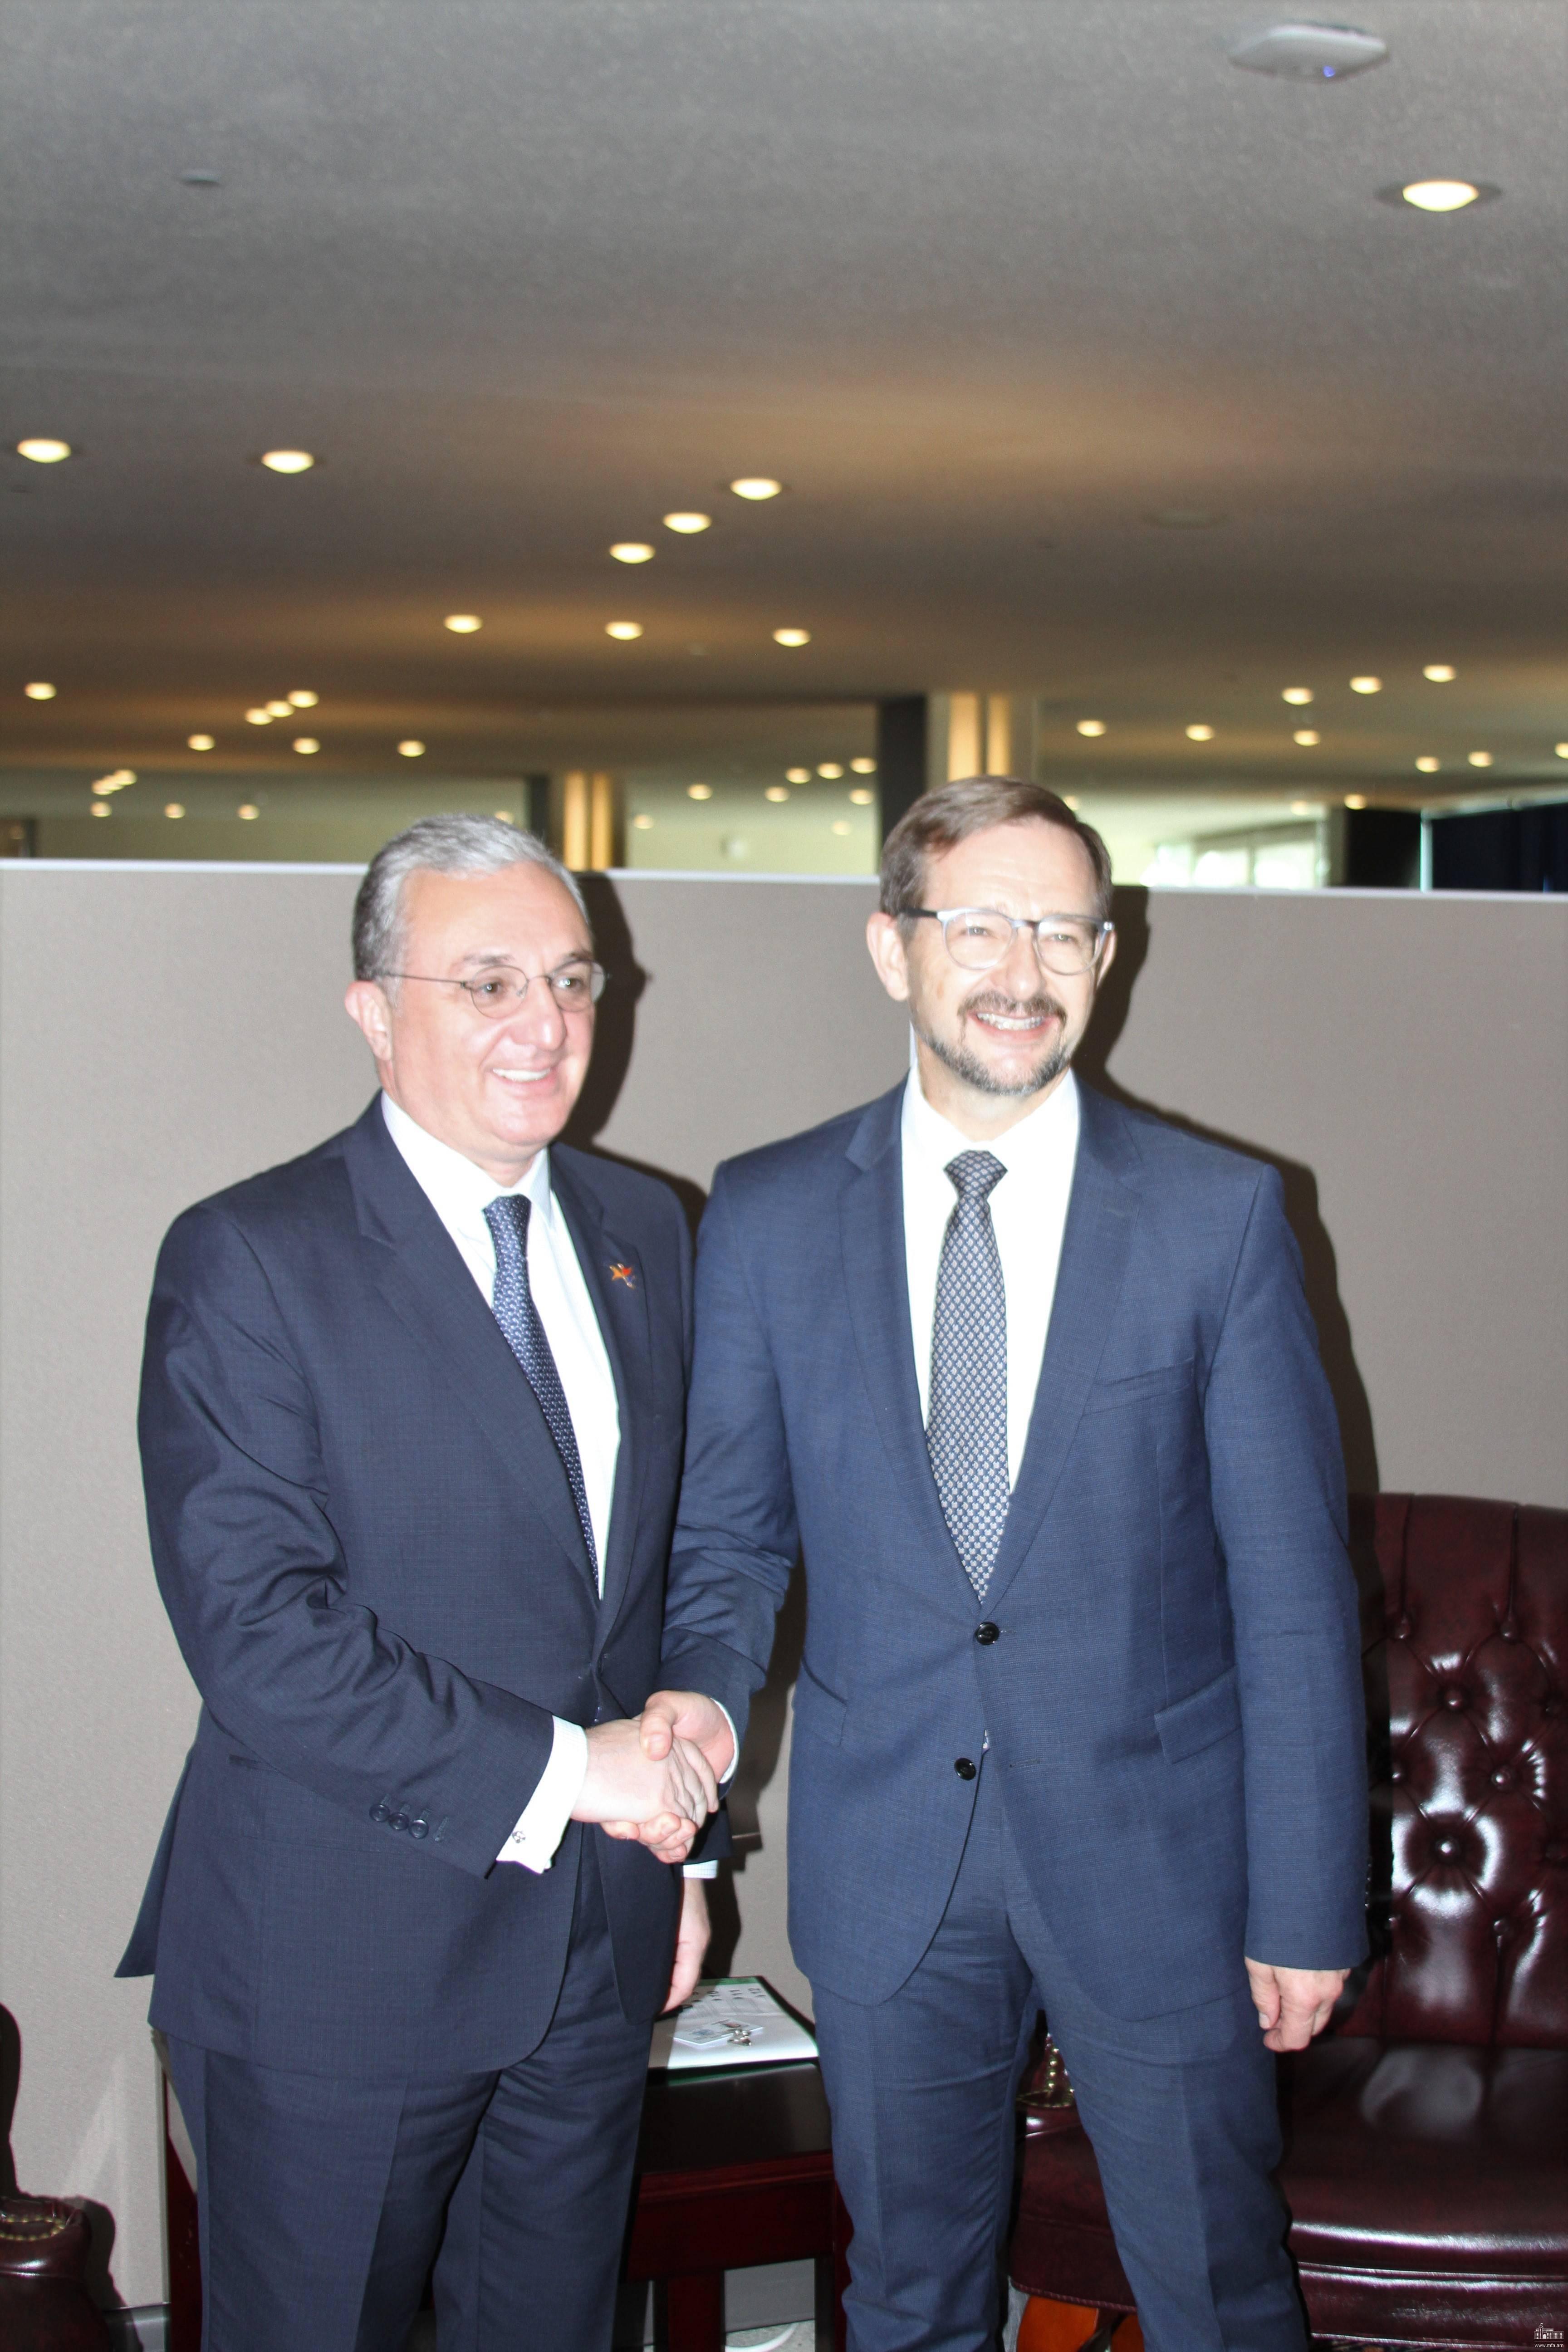 Министр иностранных дел Армении Зограб Мнацаканян встретился с генеральным секретарем ОБСЕ Томасом Гремингером